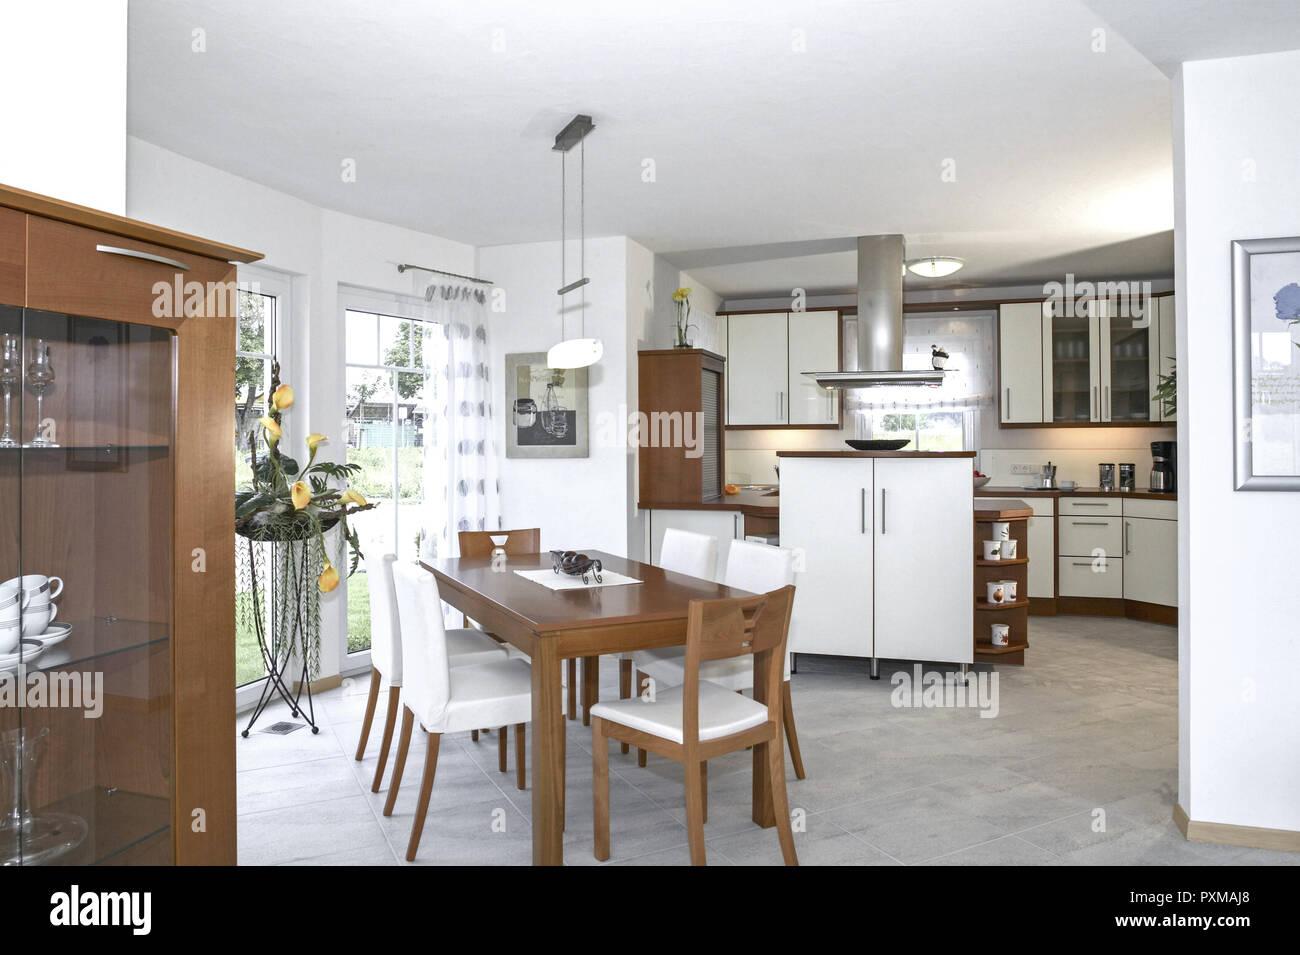 Esszimmer Kueche Wohnen Innenaufnahme Inneneinrichtung Wohnung